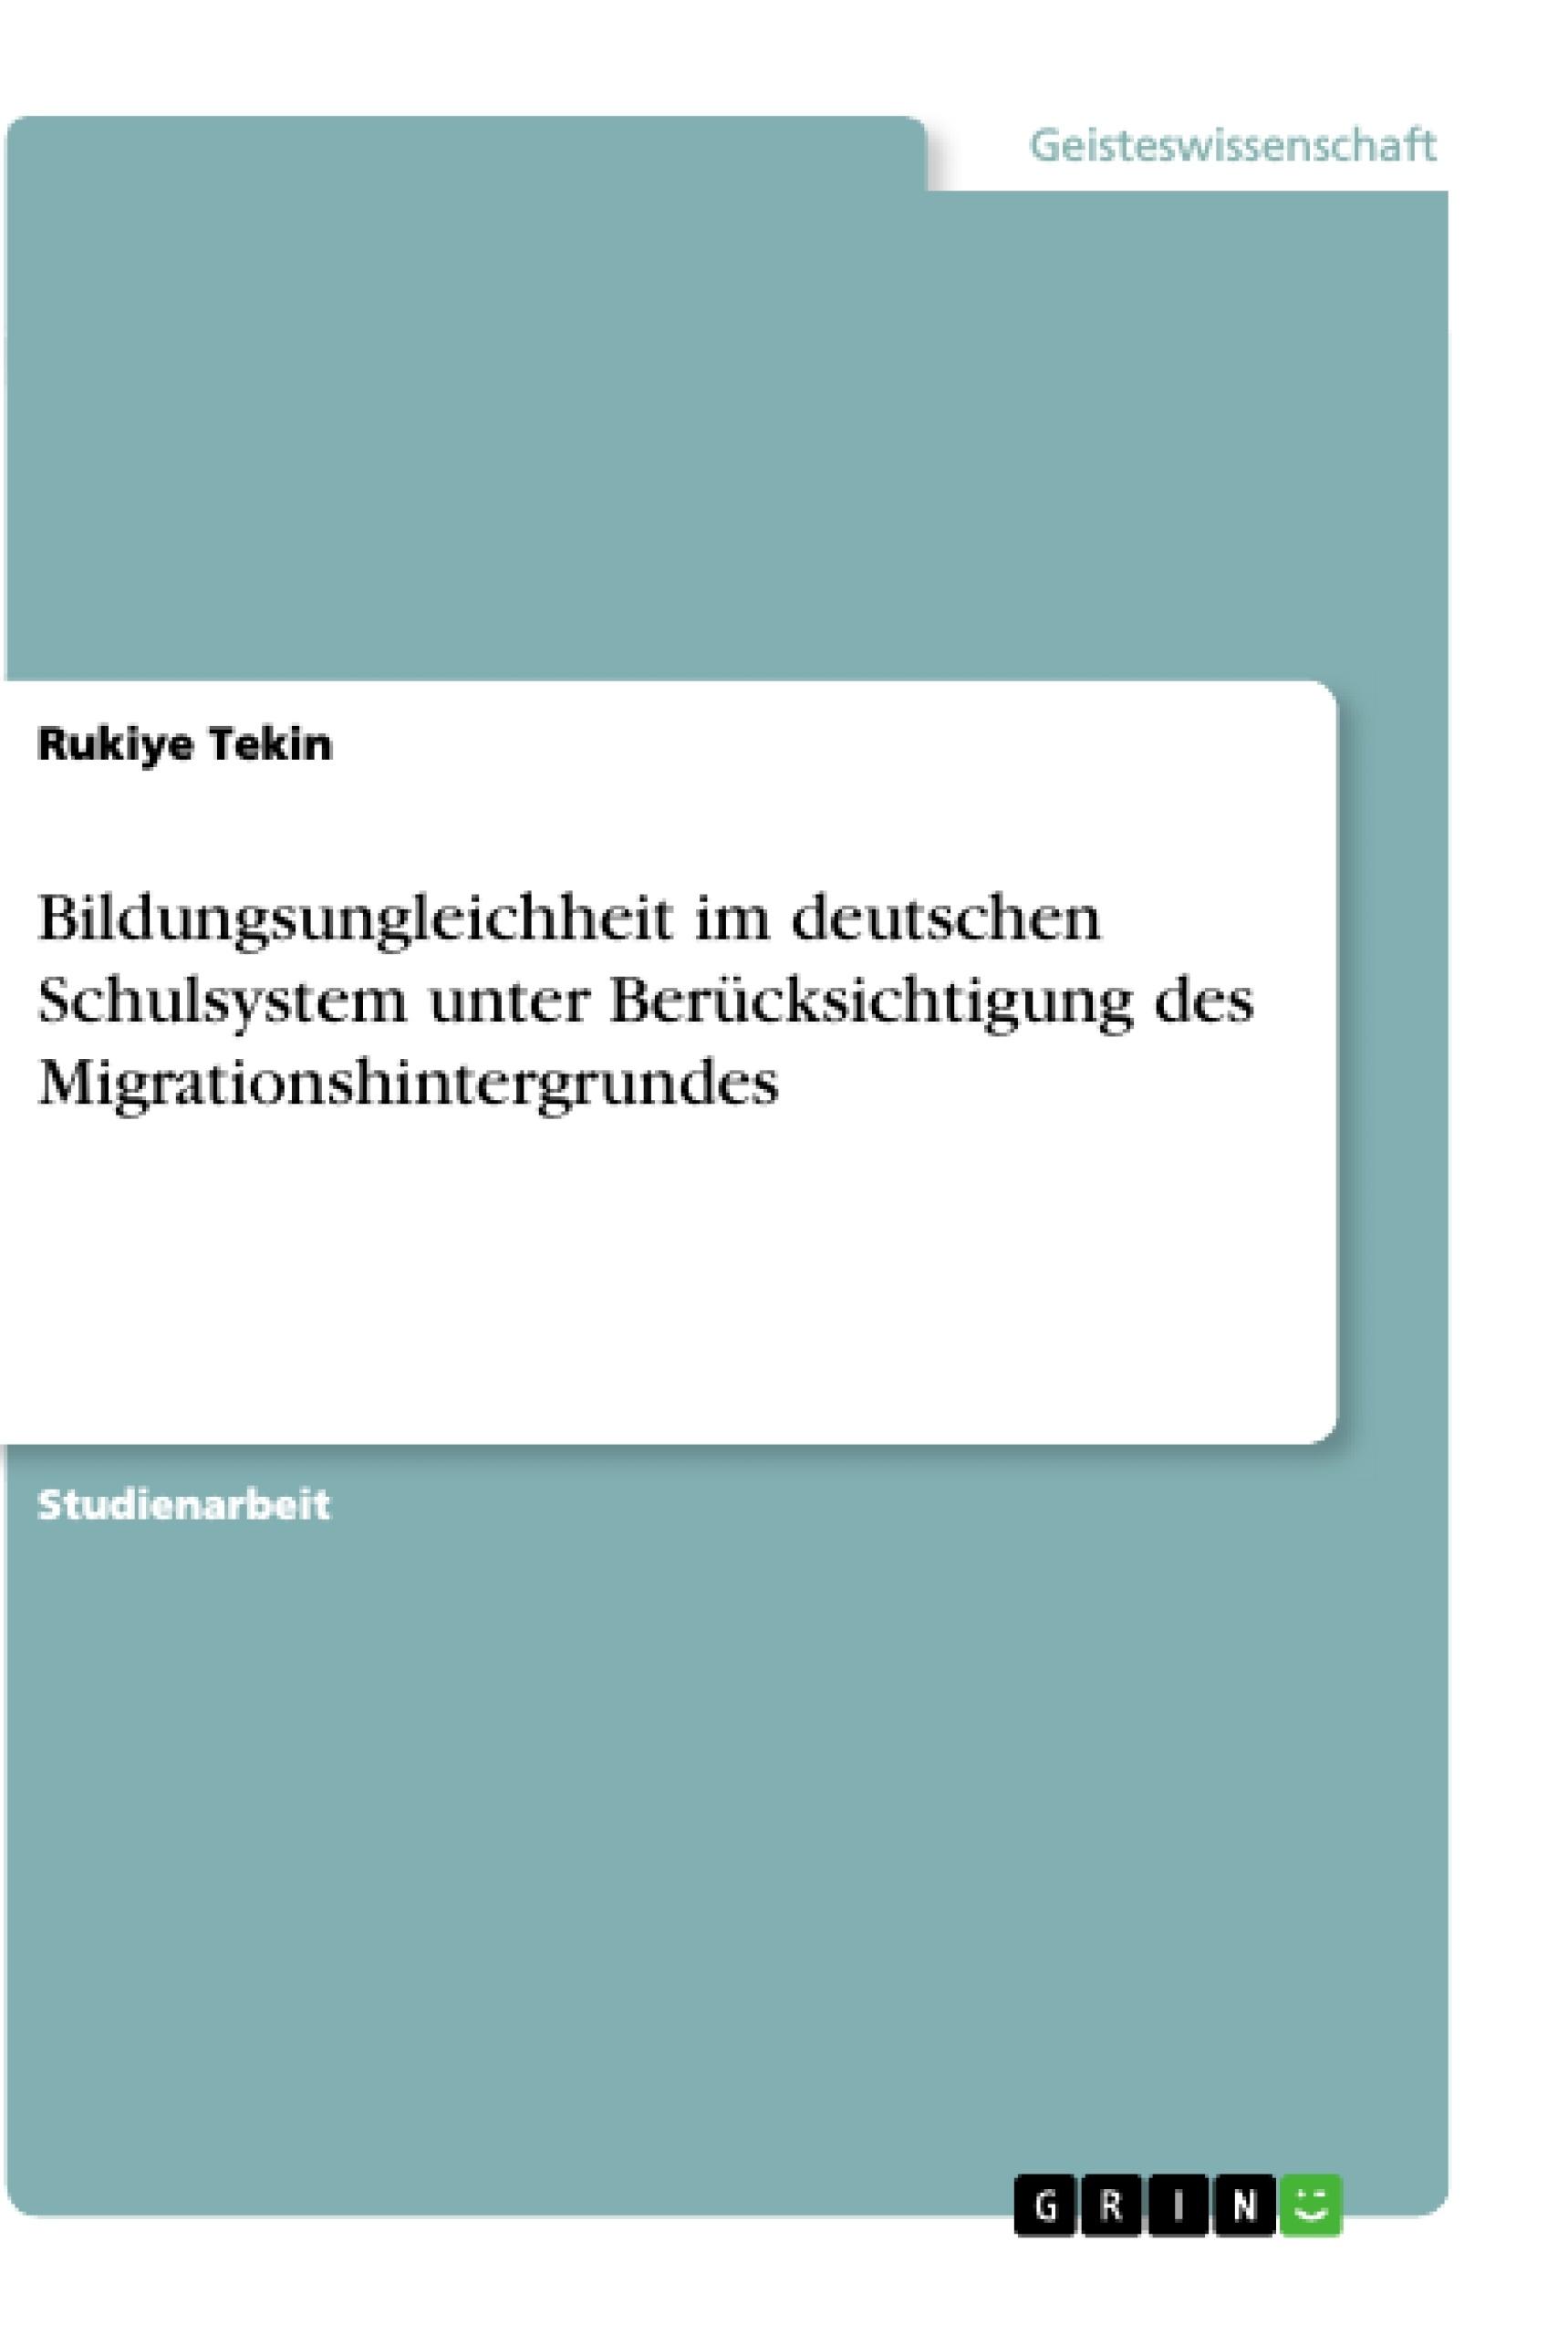 Titel: Bildungsungleichheit im deutschen Schulsystem unter Berücksichtigung des Migrationshintergrundes